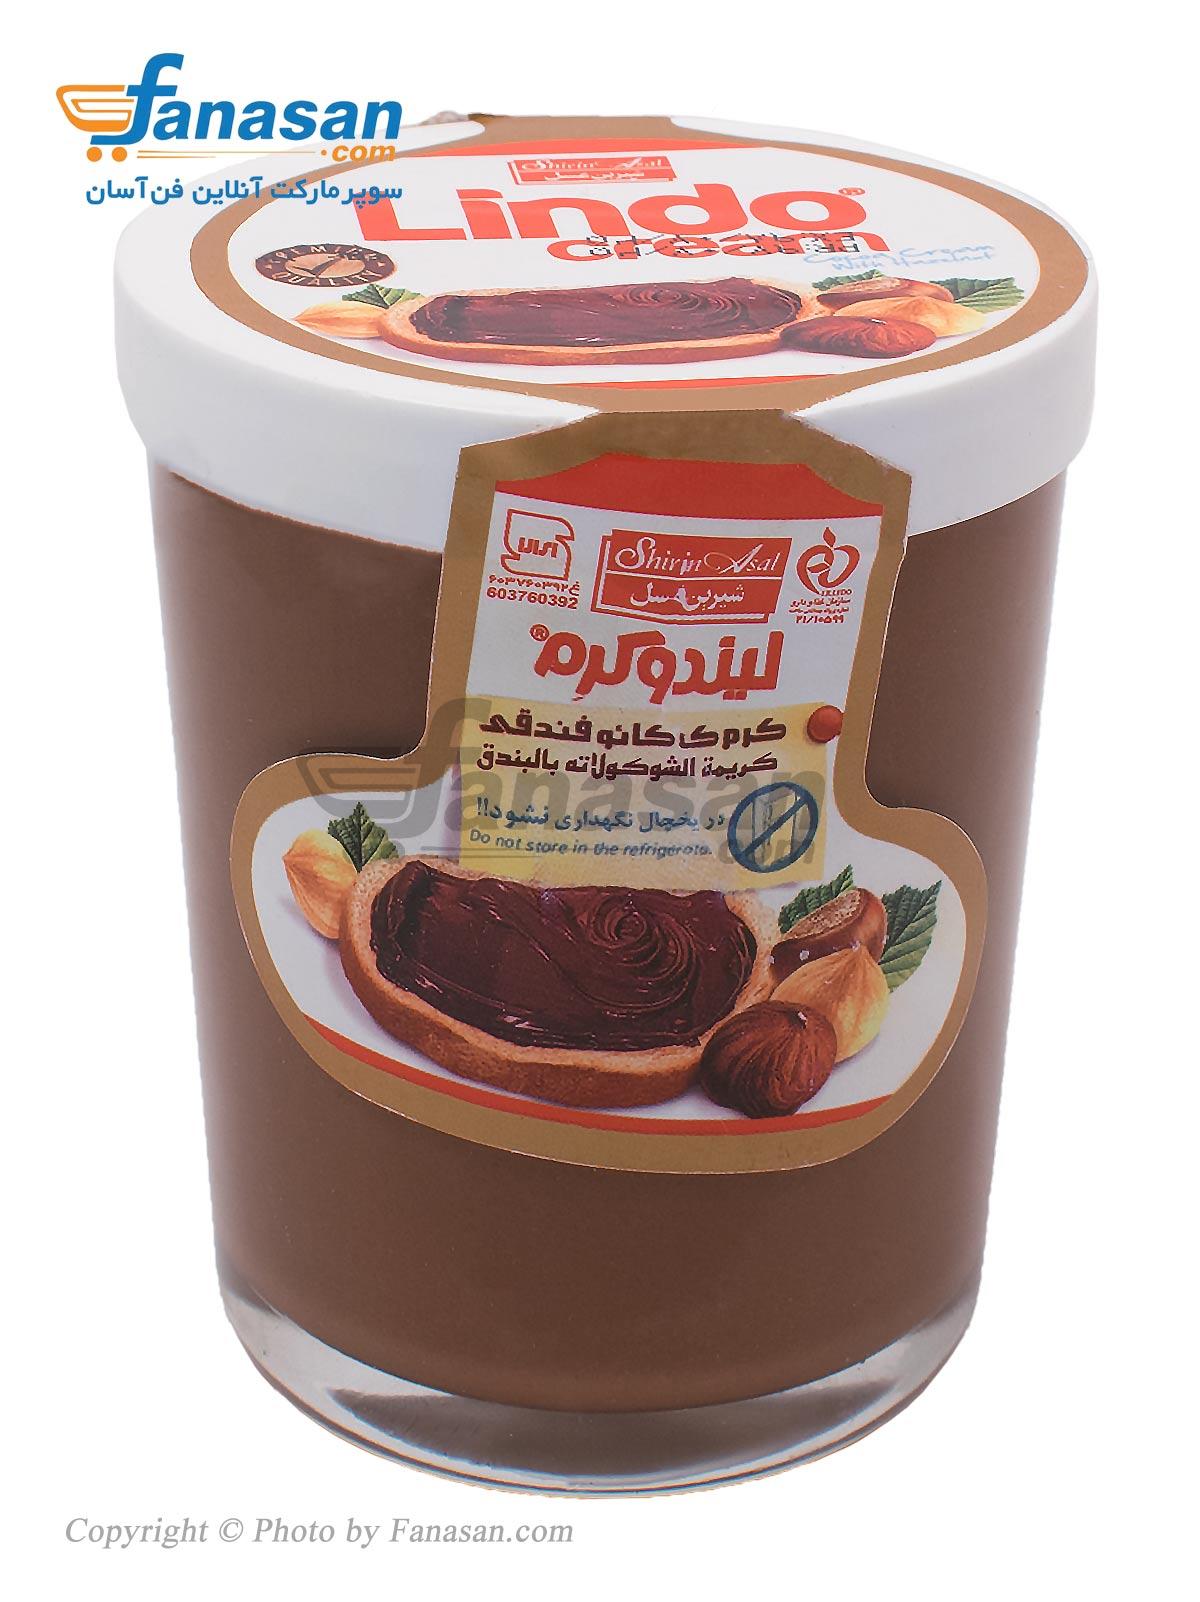 کرم کاکائو فندقی شیرین عسل لیندوکرم 220 گرم